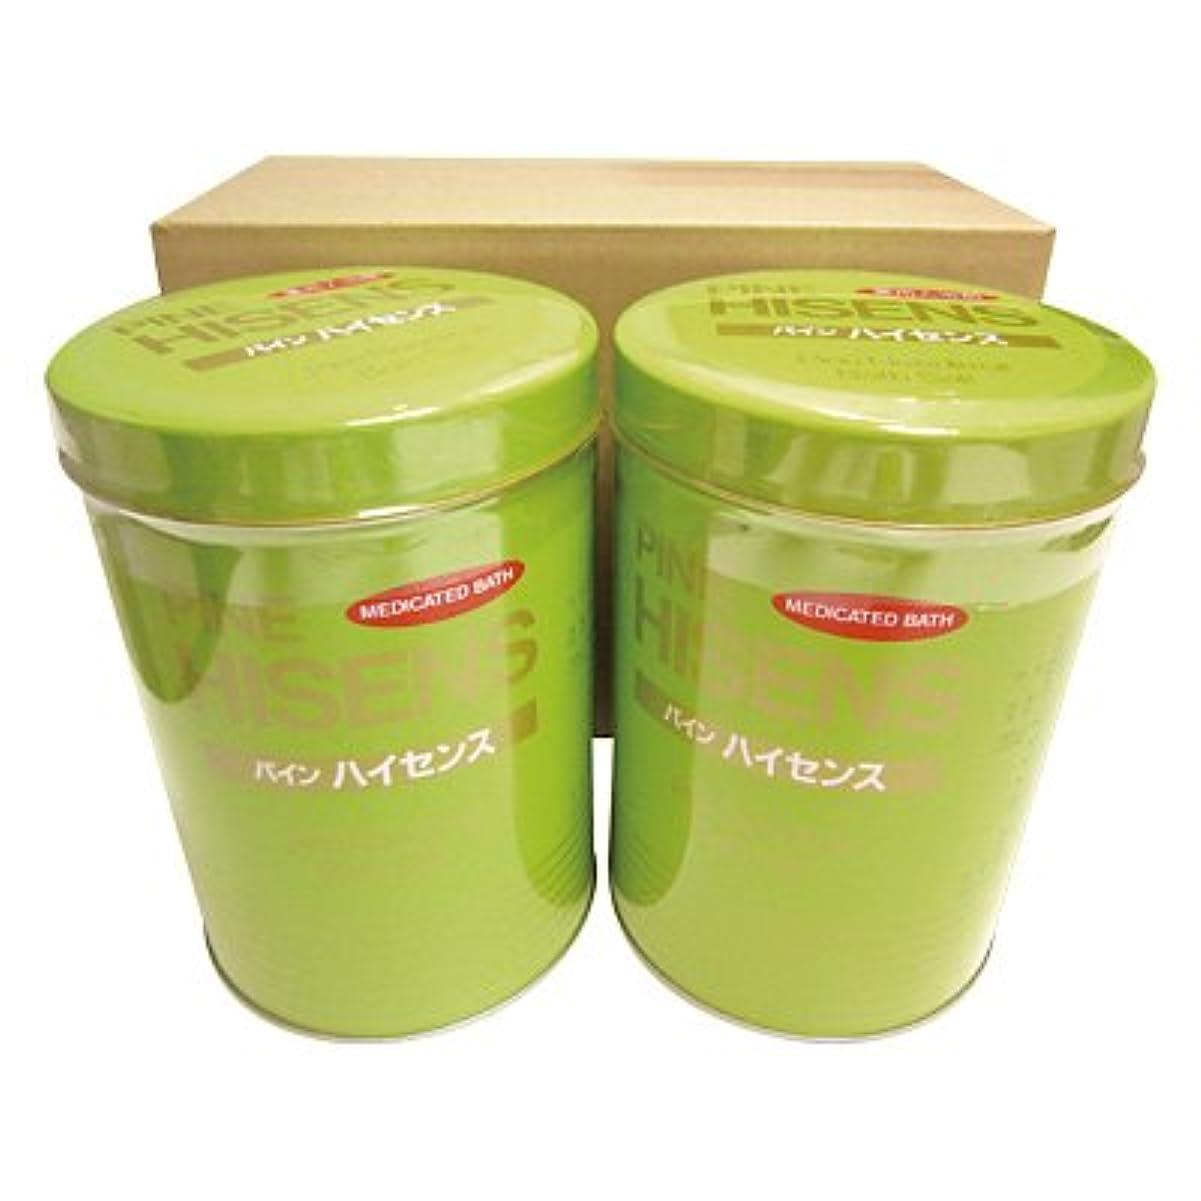 高陽社 薬用入浴剤 パインハイセンス 2.1kg 2缶セット